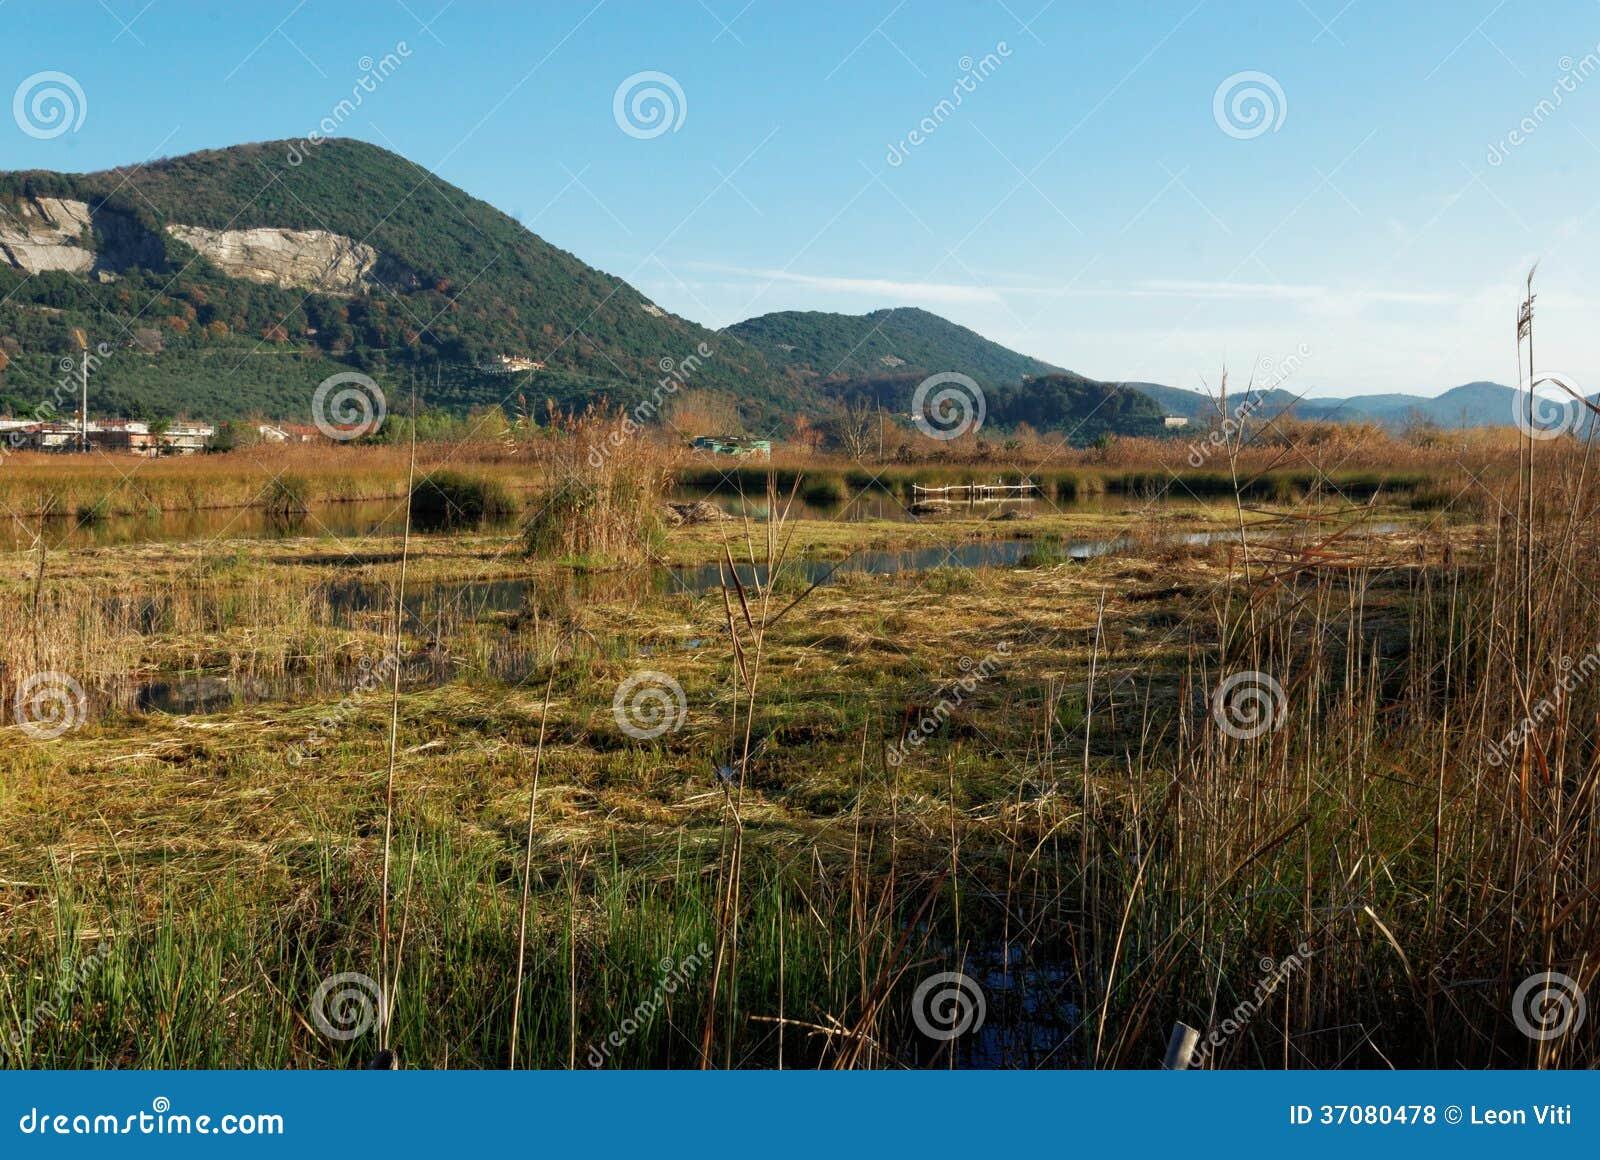 Download Massacciucoli oaza zdjęcie stock. Obraz złożonej z woda - 37080478